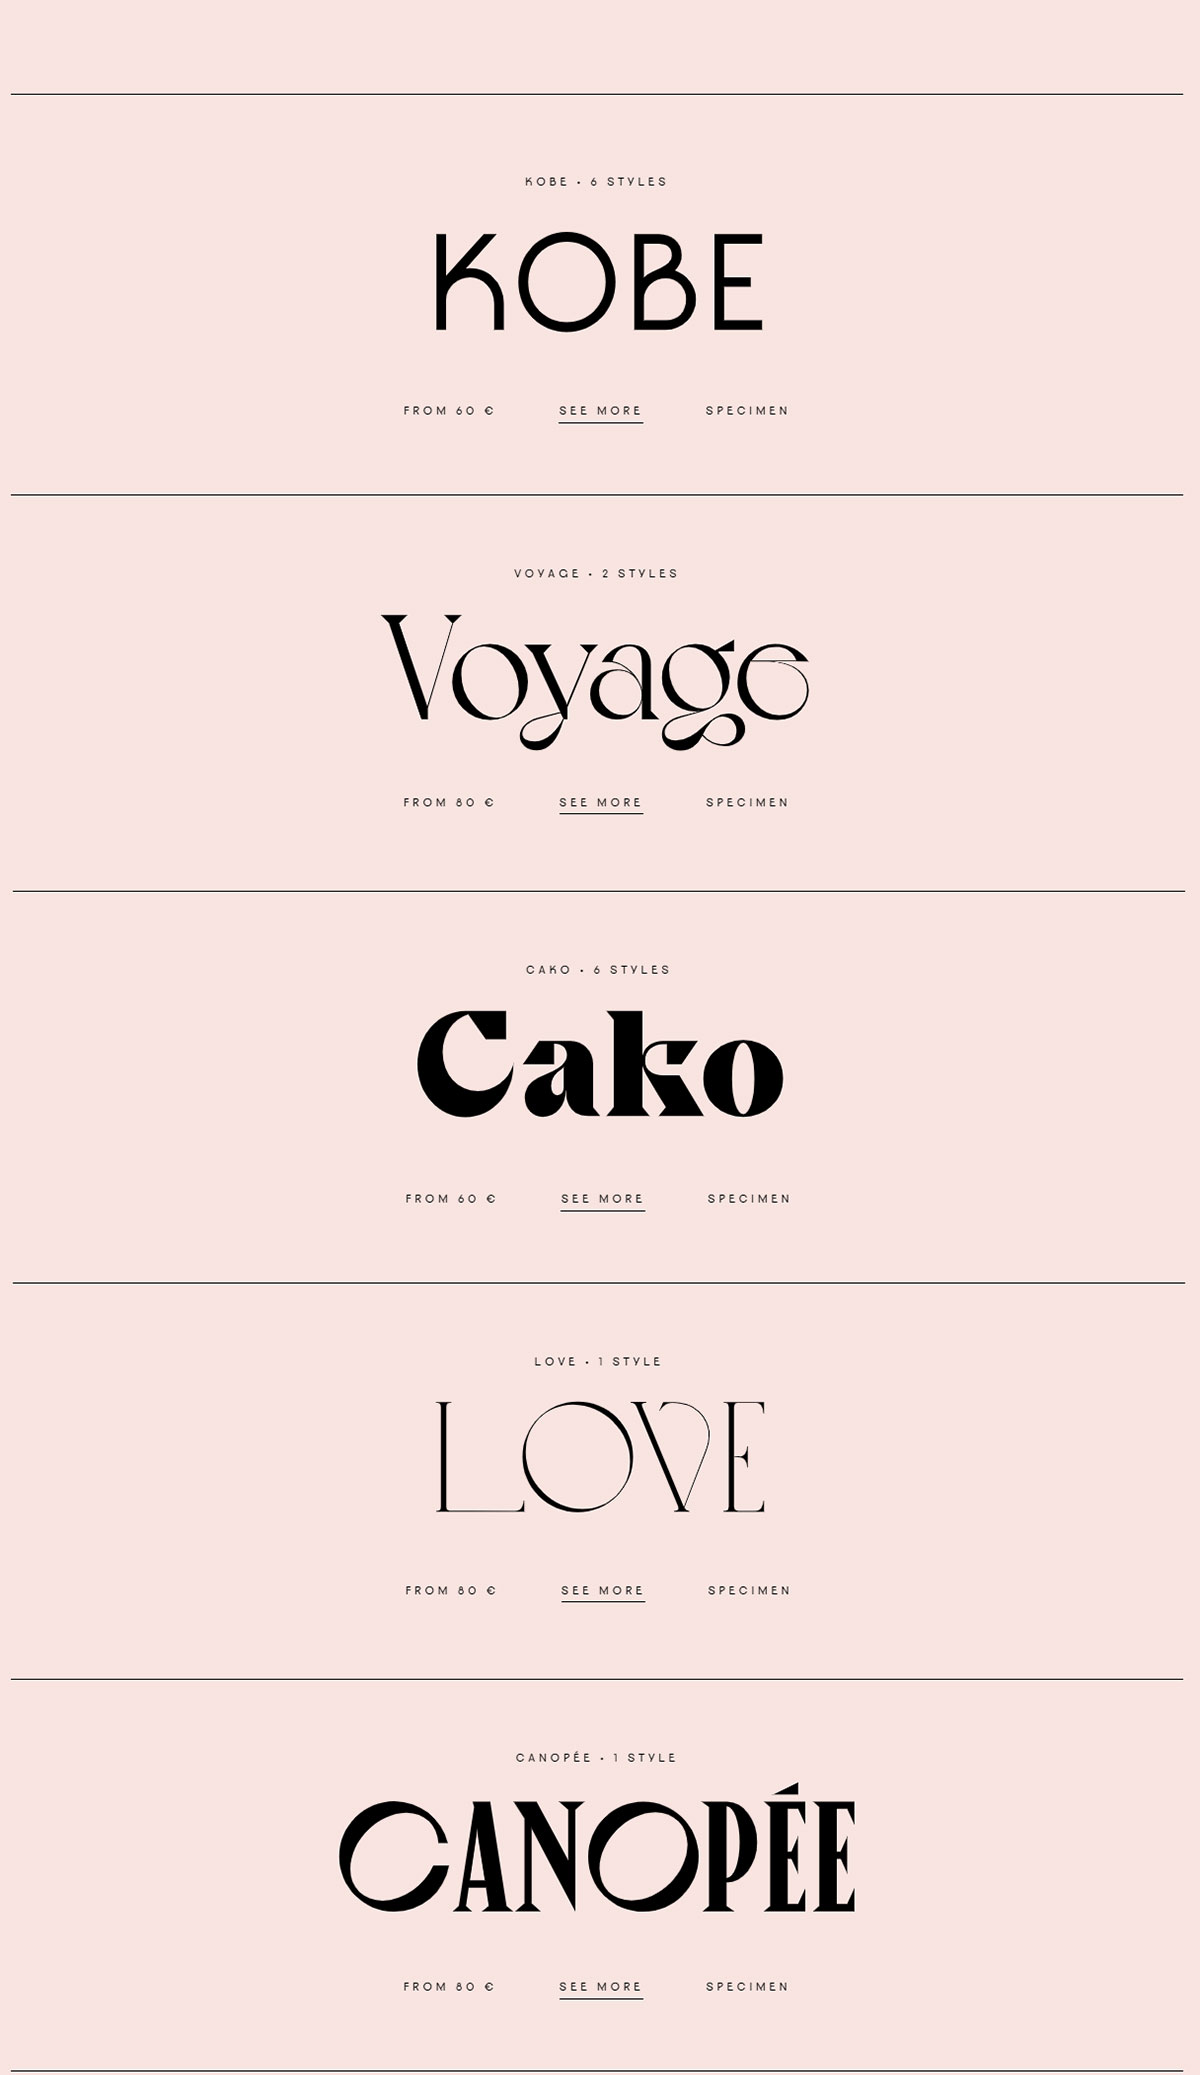 [单独购买] 10套潮流逆反差酸性杂志标题Logo设计VJ Type家族英文字体合集 VJ Type – Typeface Font Collection插图1